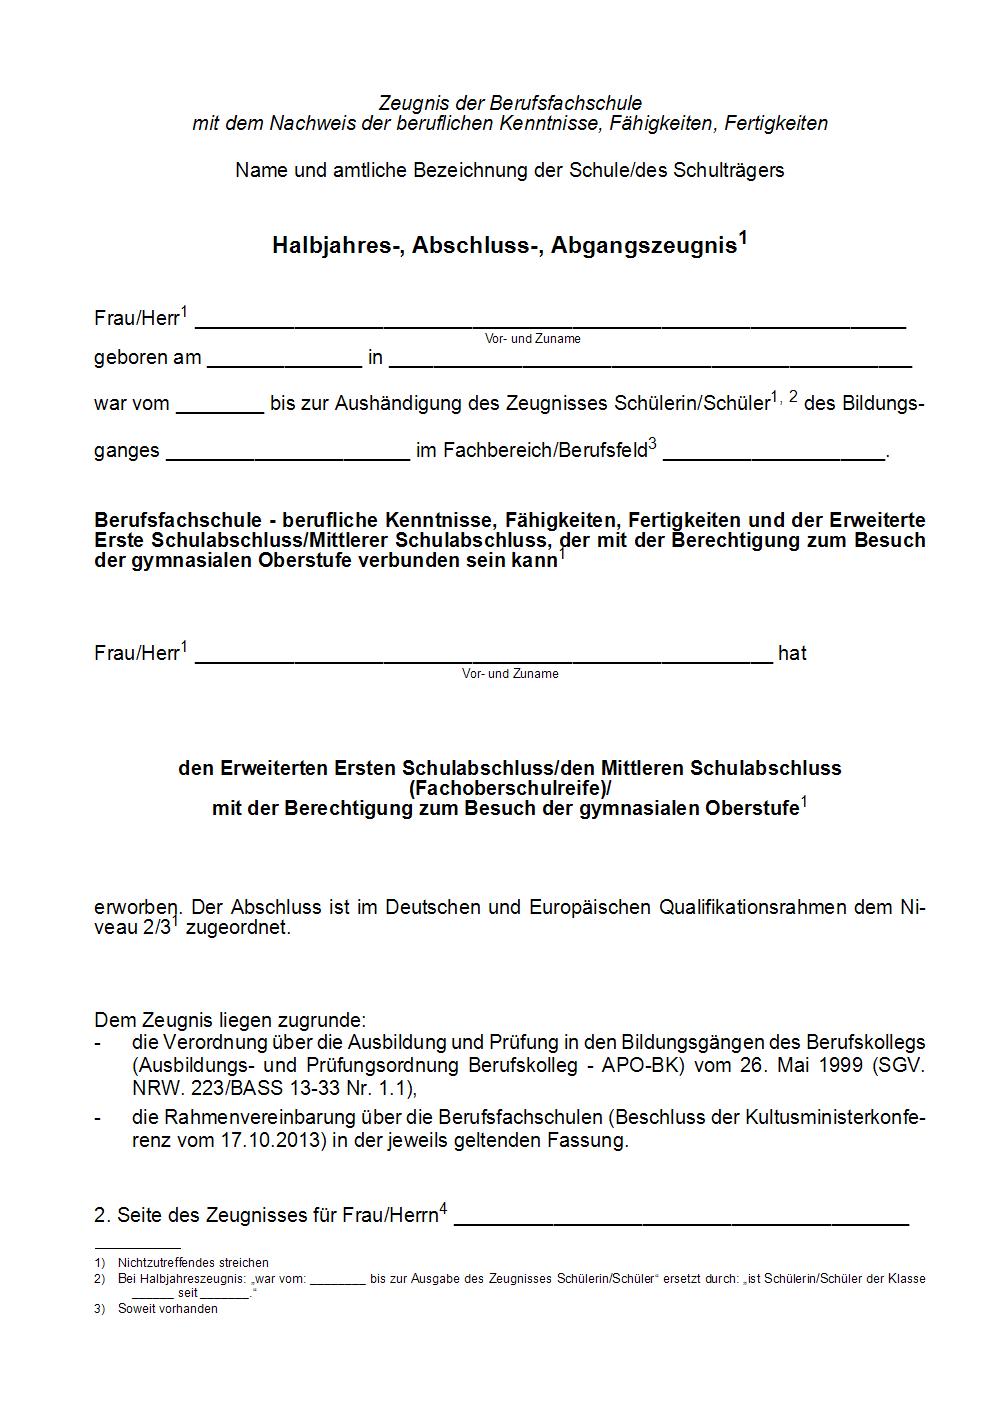 BASS 2019/2020 - 13-33 Nr  1 2 Verwaltungsvorschriften zur